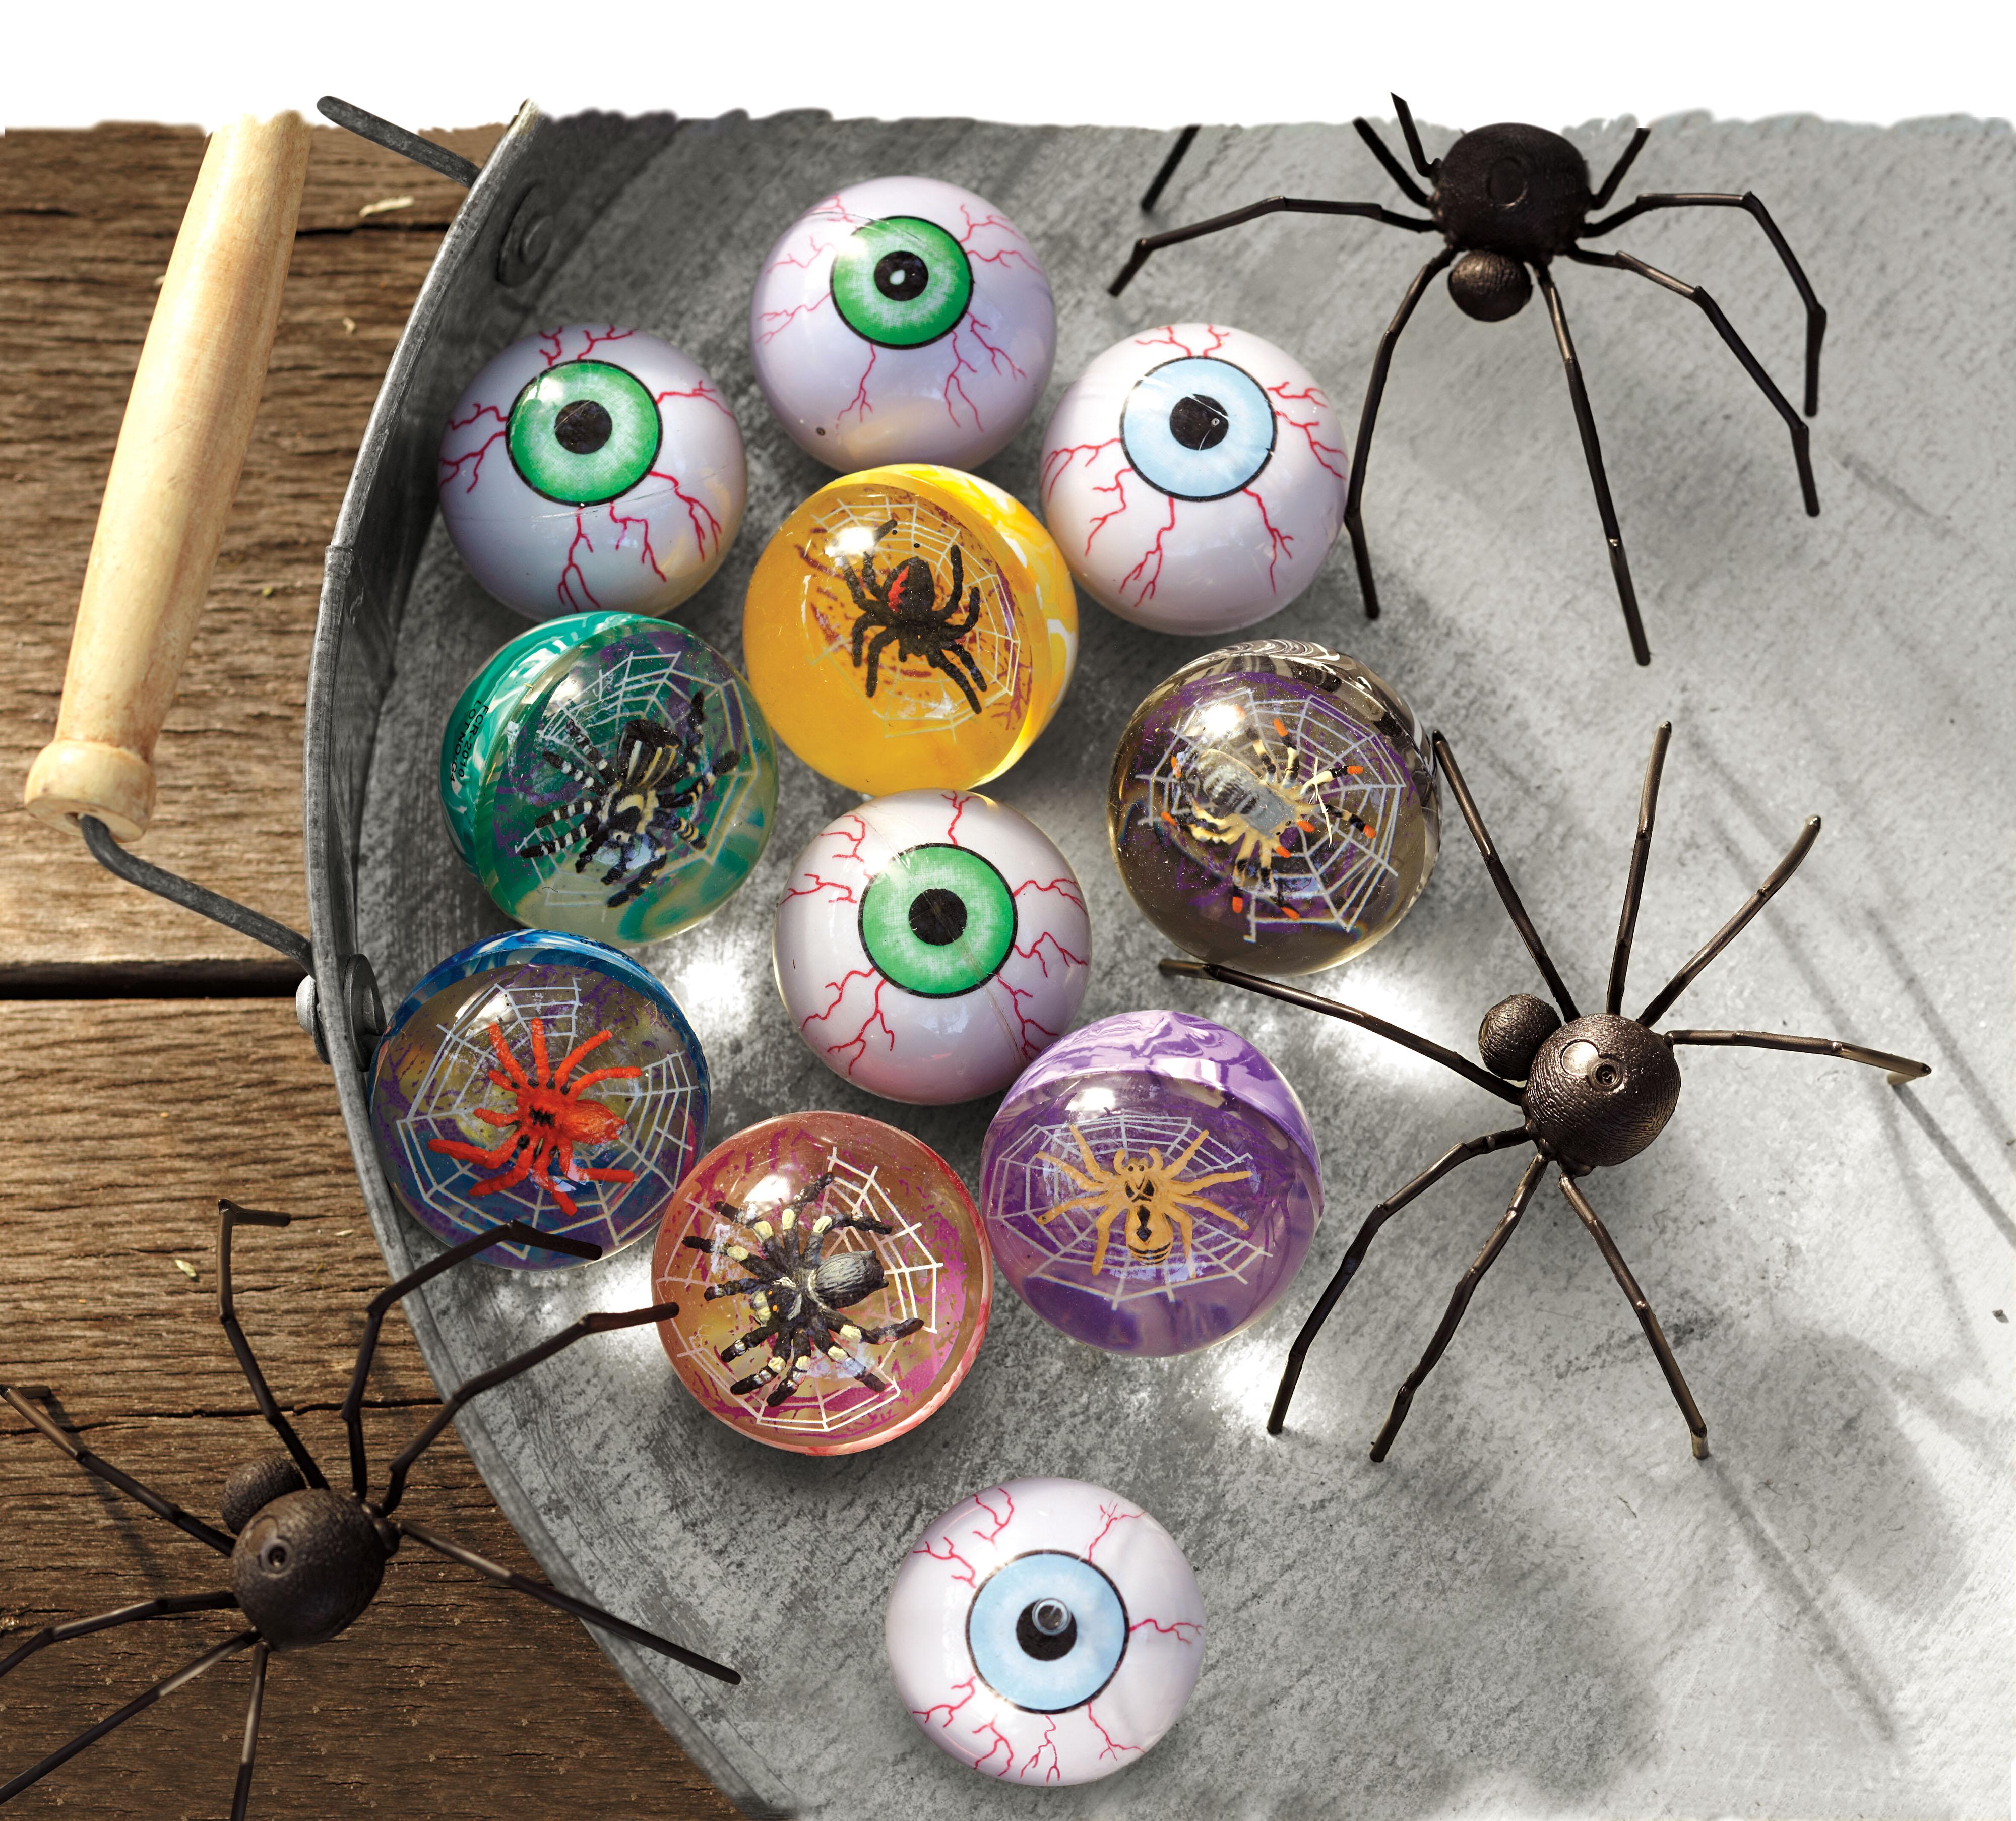 Halloween bouncy balls